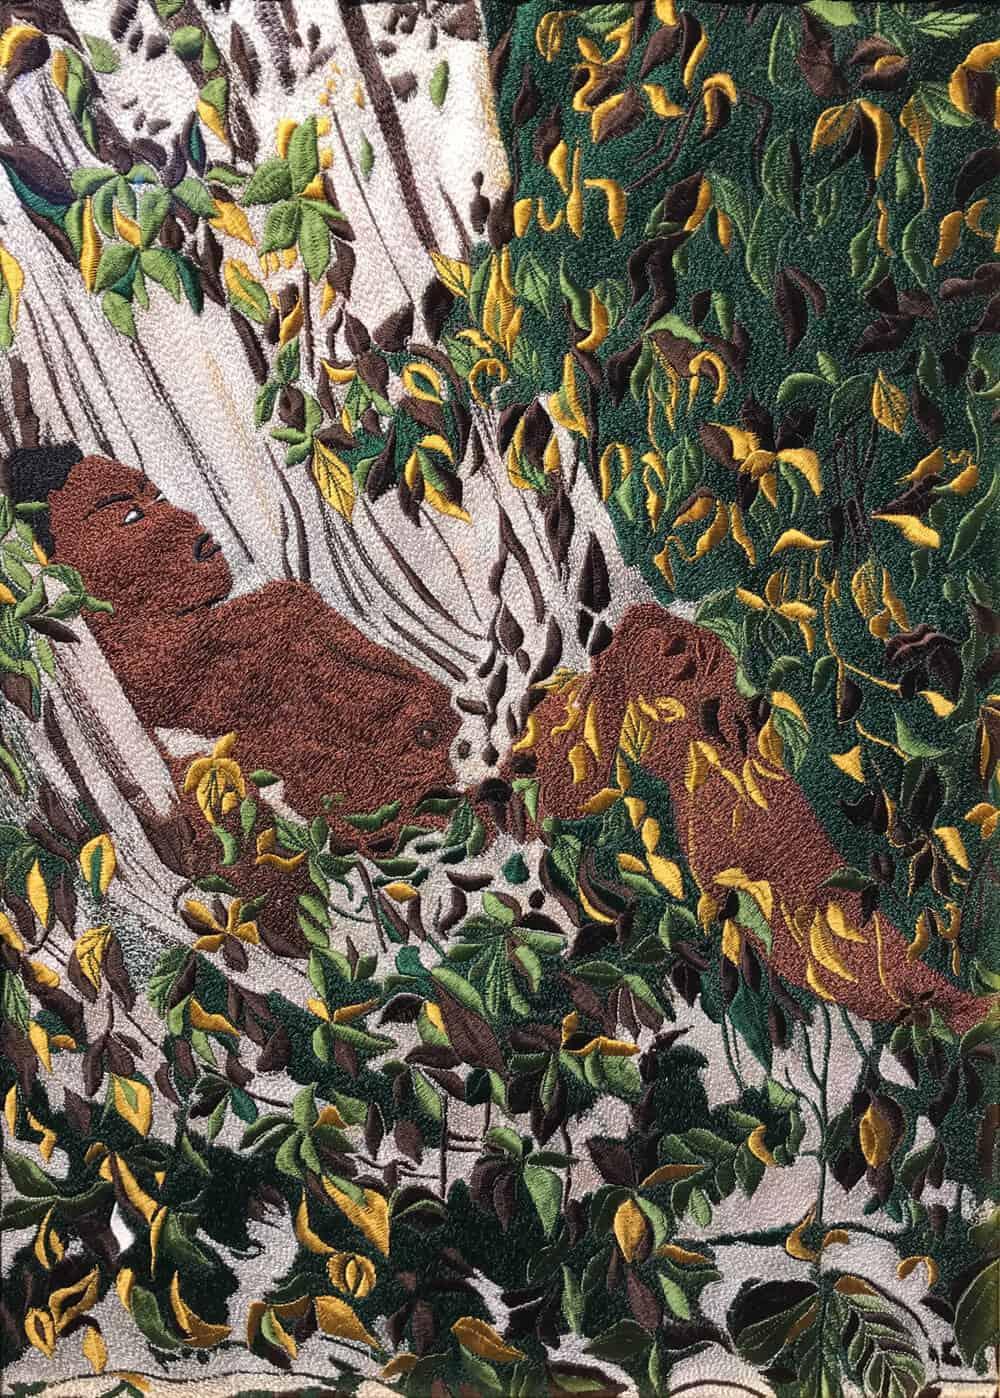 Kimathi Mafafo, Solitude I, 2017. Embroidered Panel, 55 x 40cm. Courtesy of the artist & EBONY.